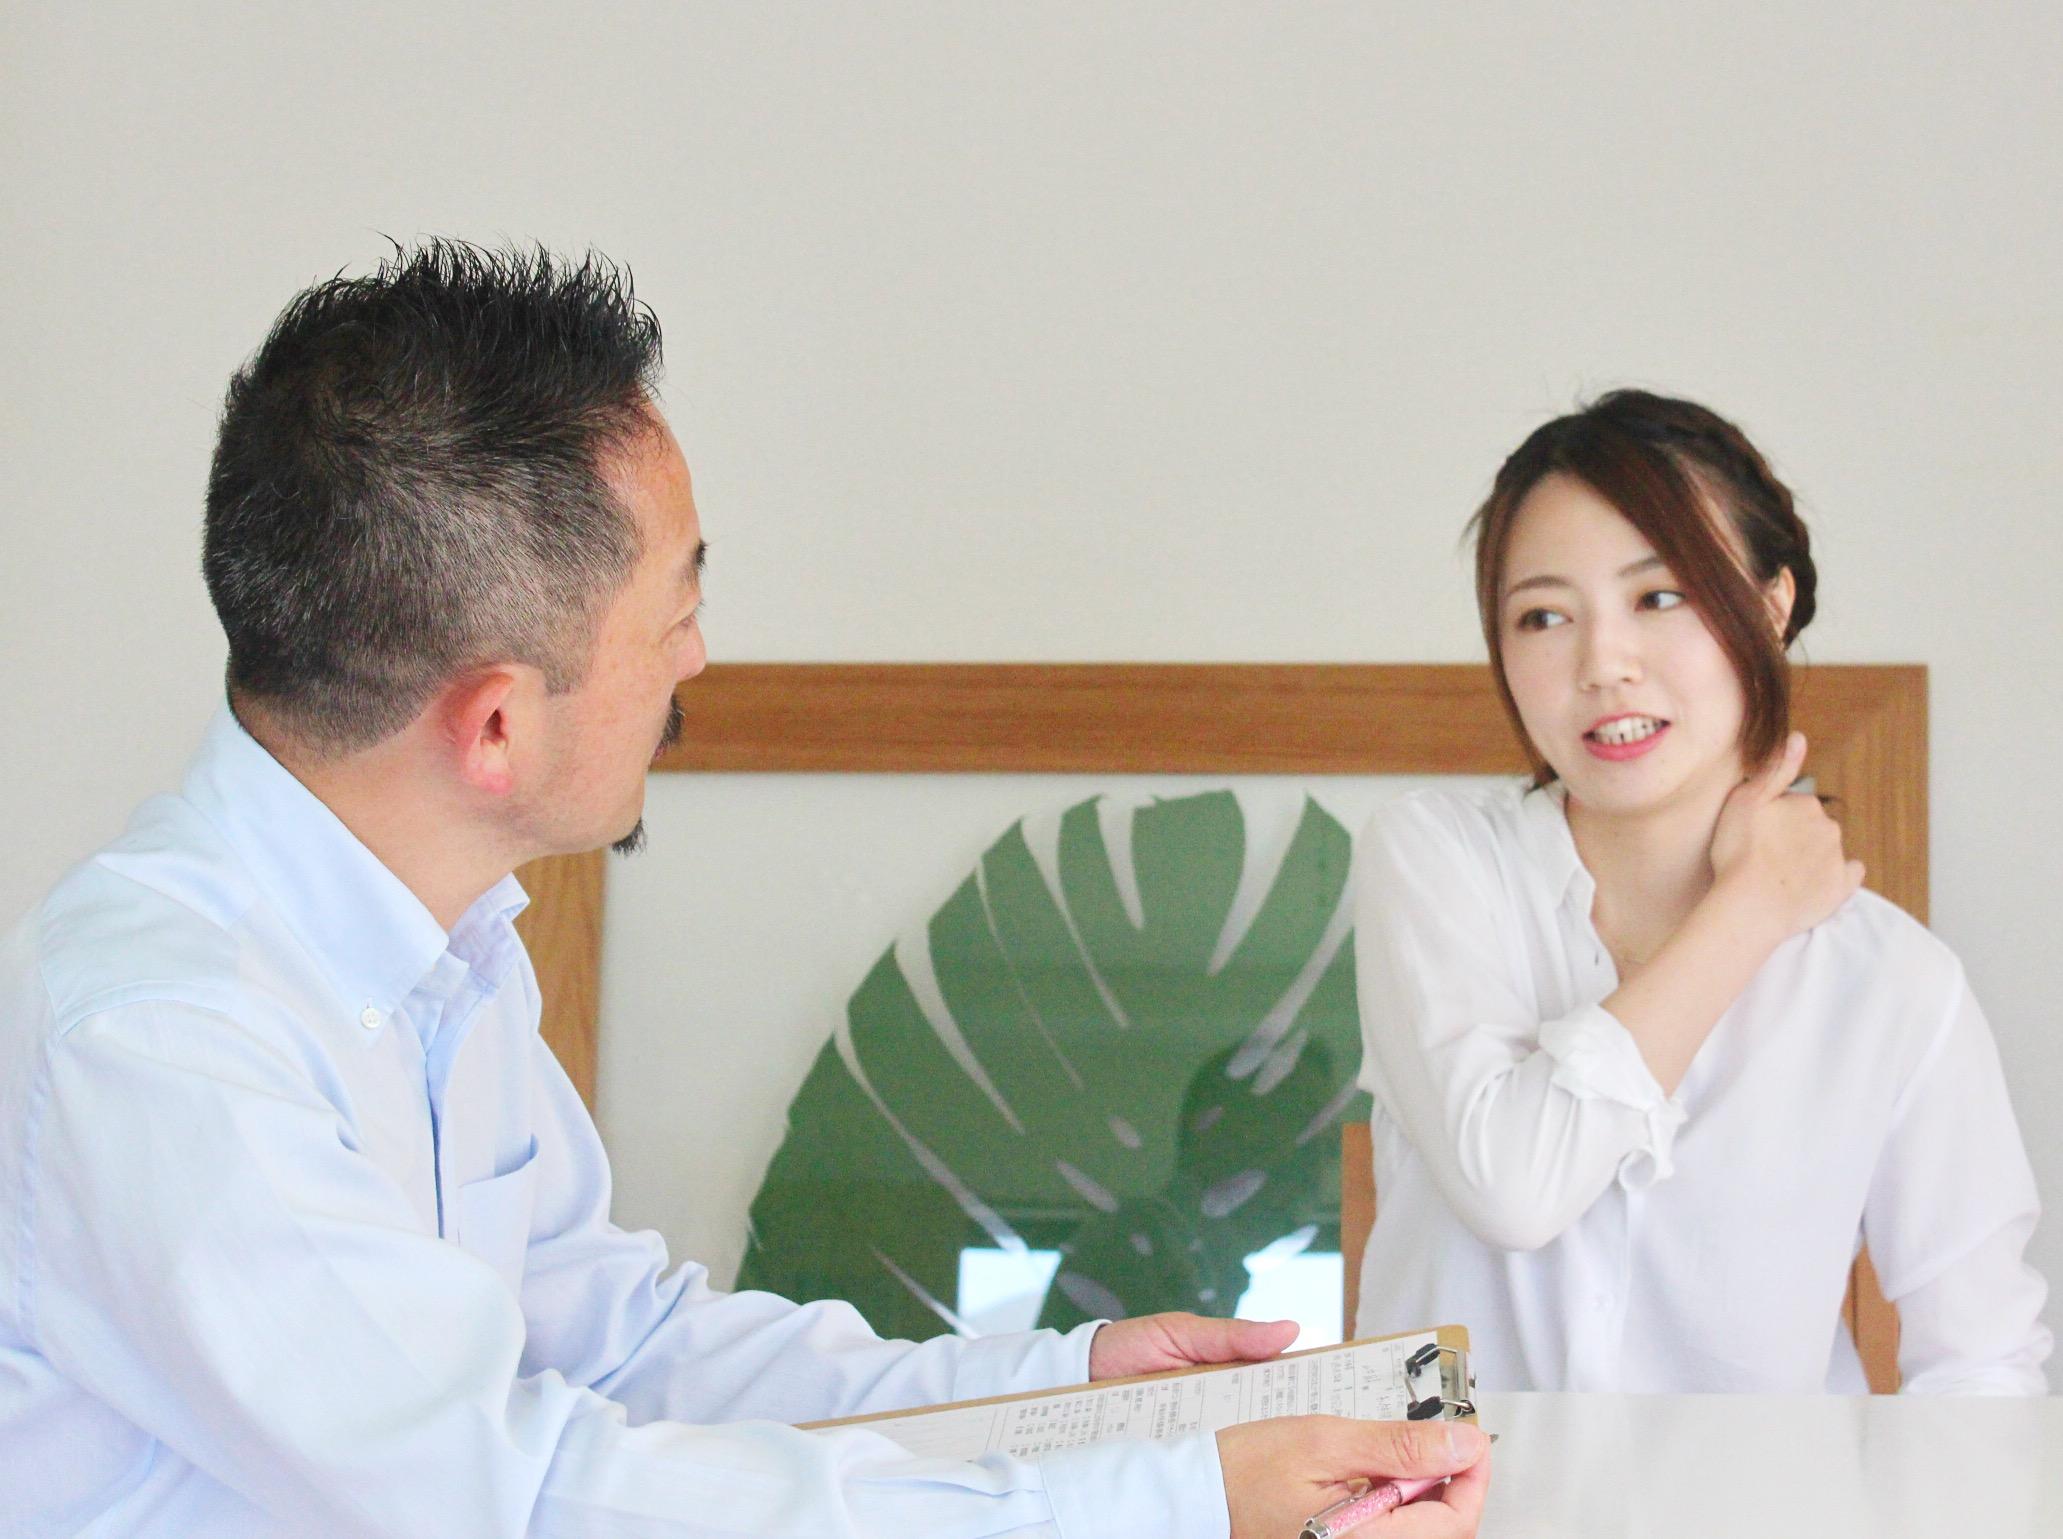 神奈川県茅ヶ崎市 心と体お悩み相談サロン